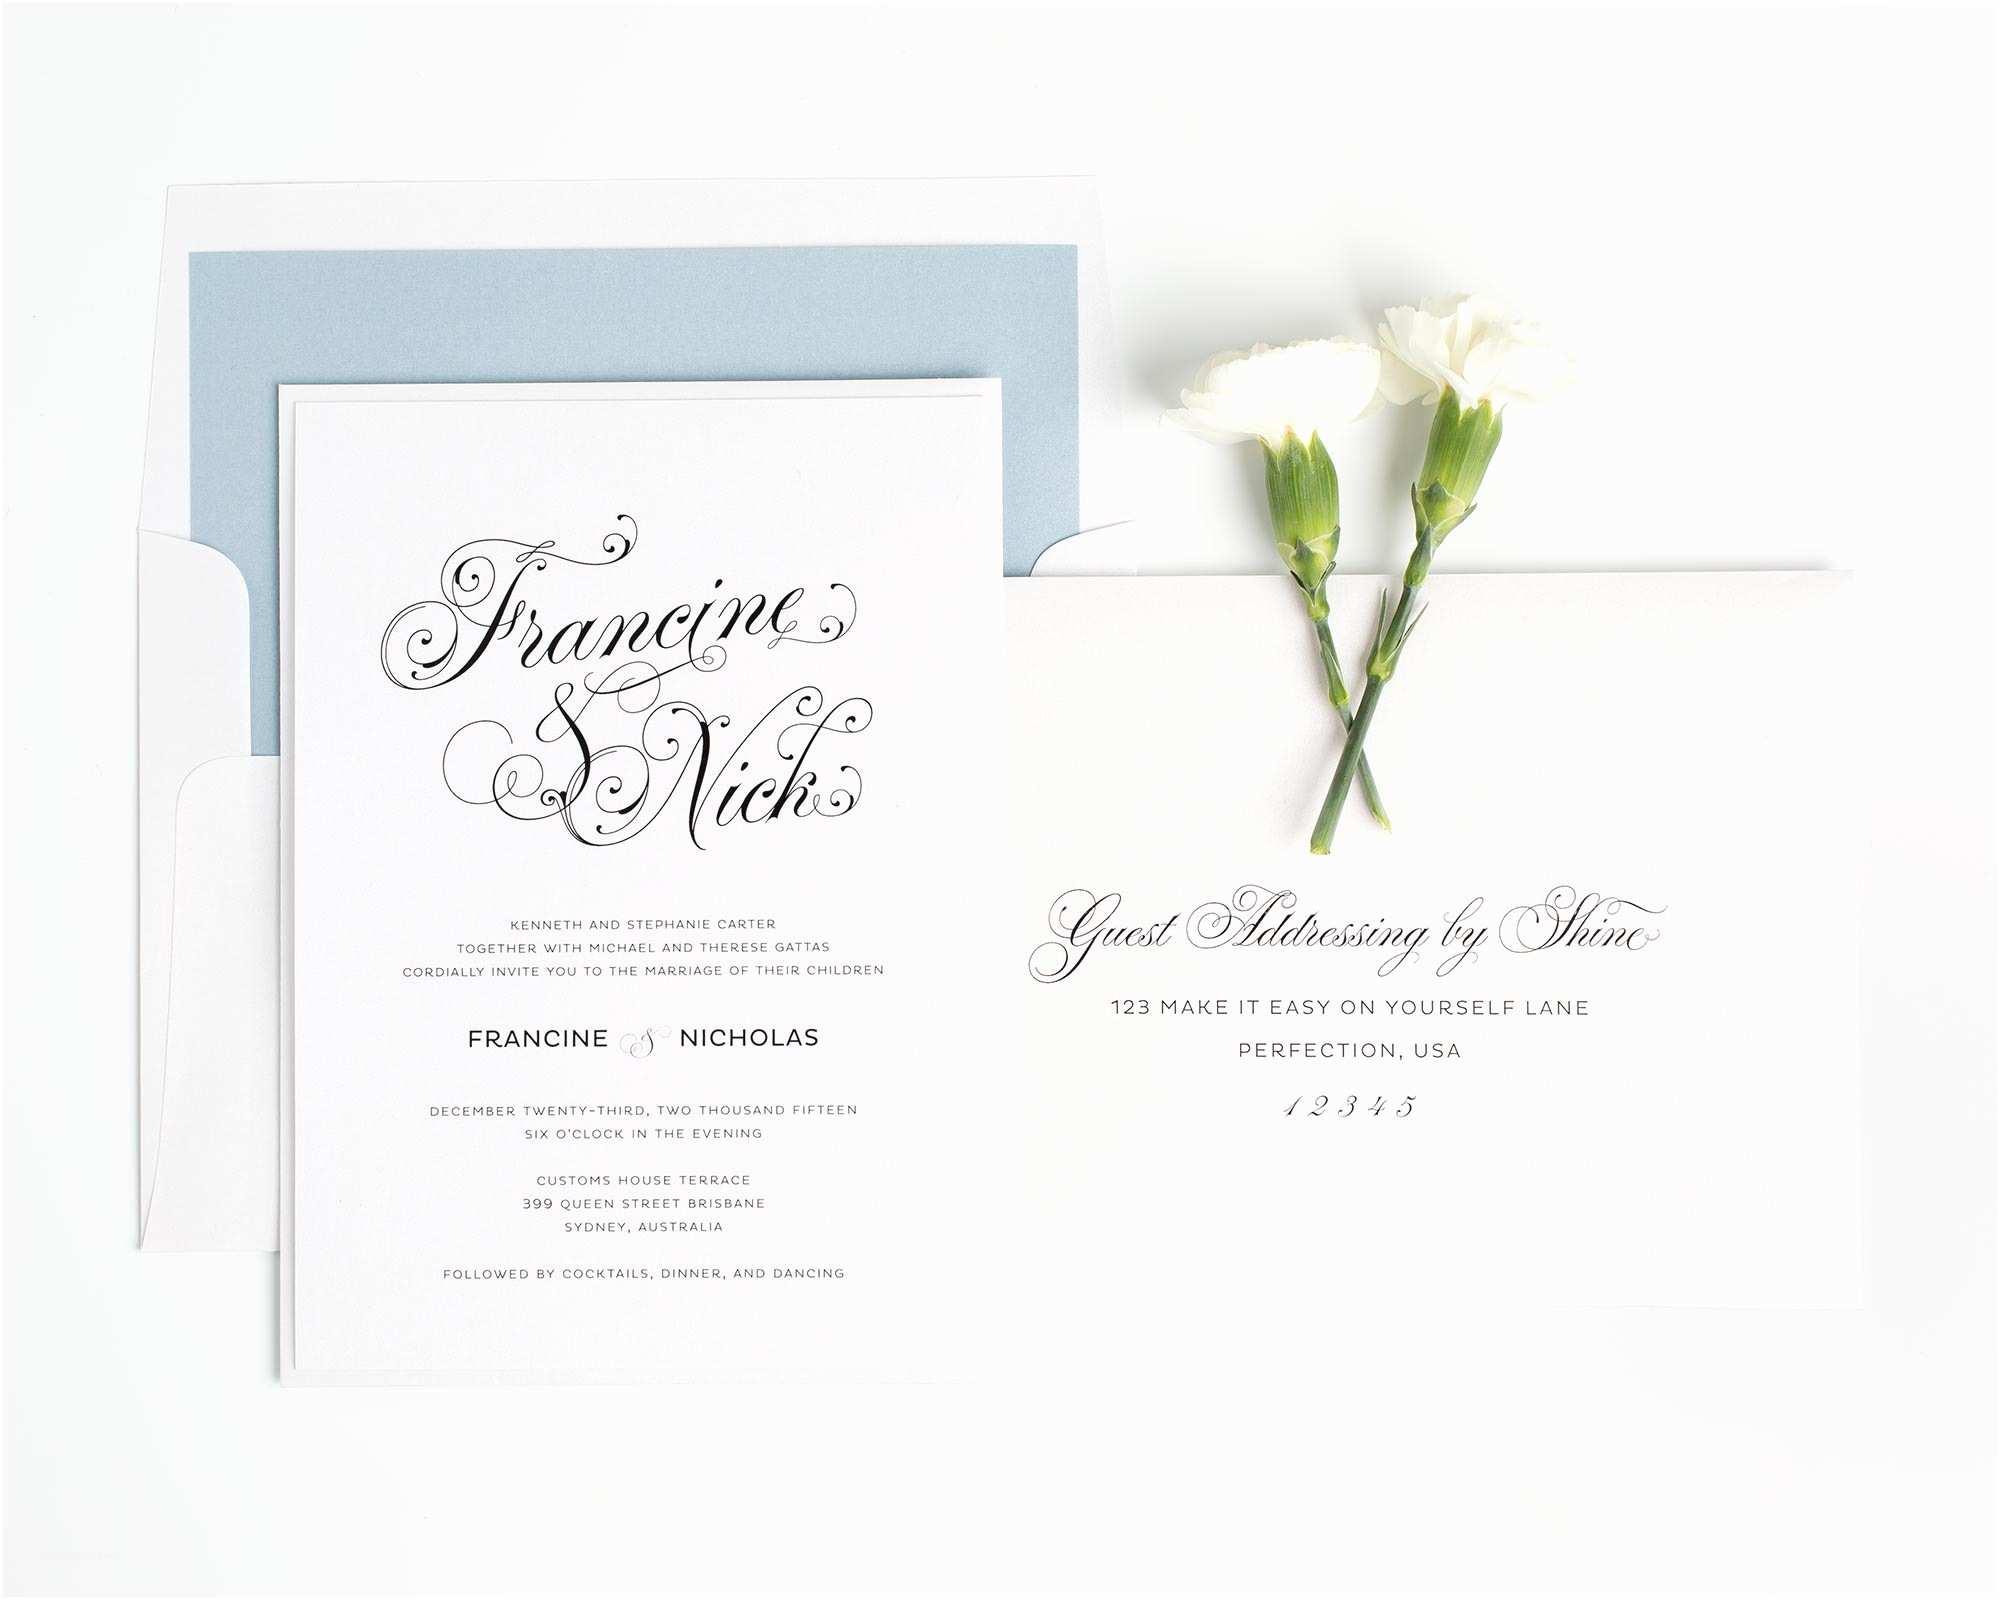 Glamorous Wedding Invitations Glamorous Wedding Invitations In Dusty Blue – Wedding